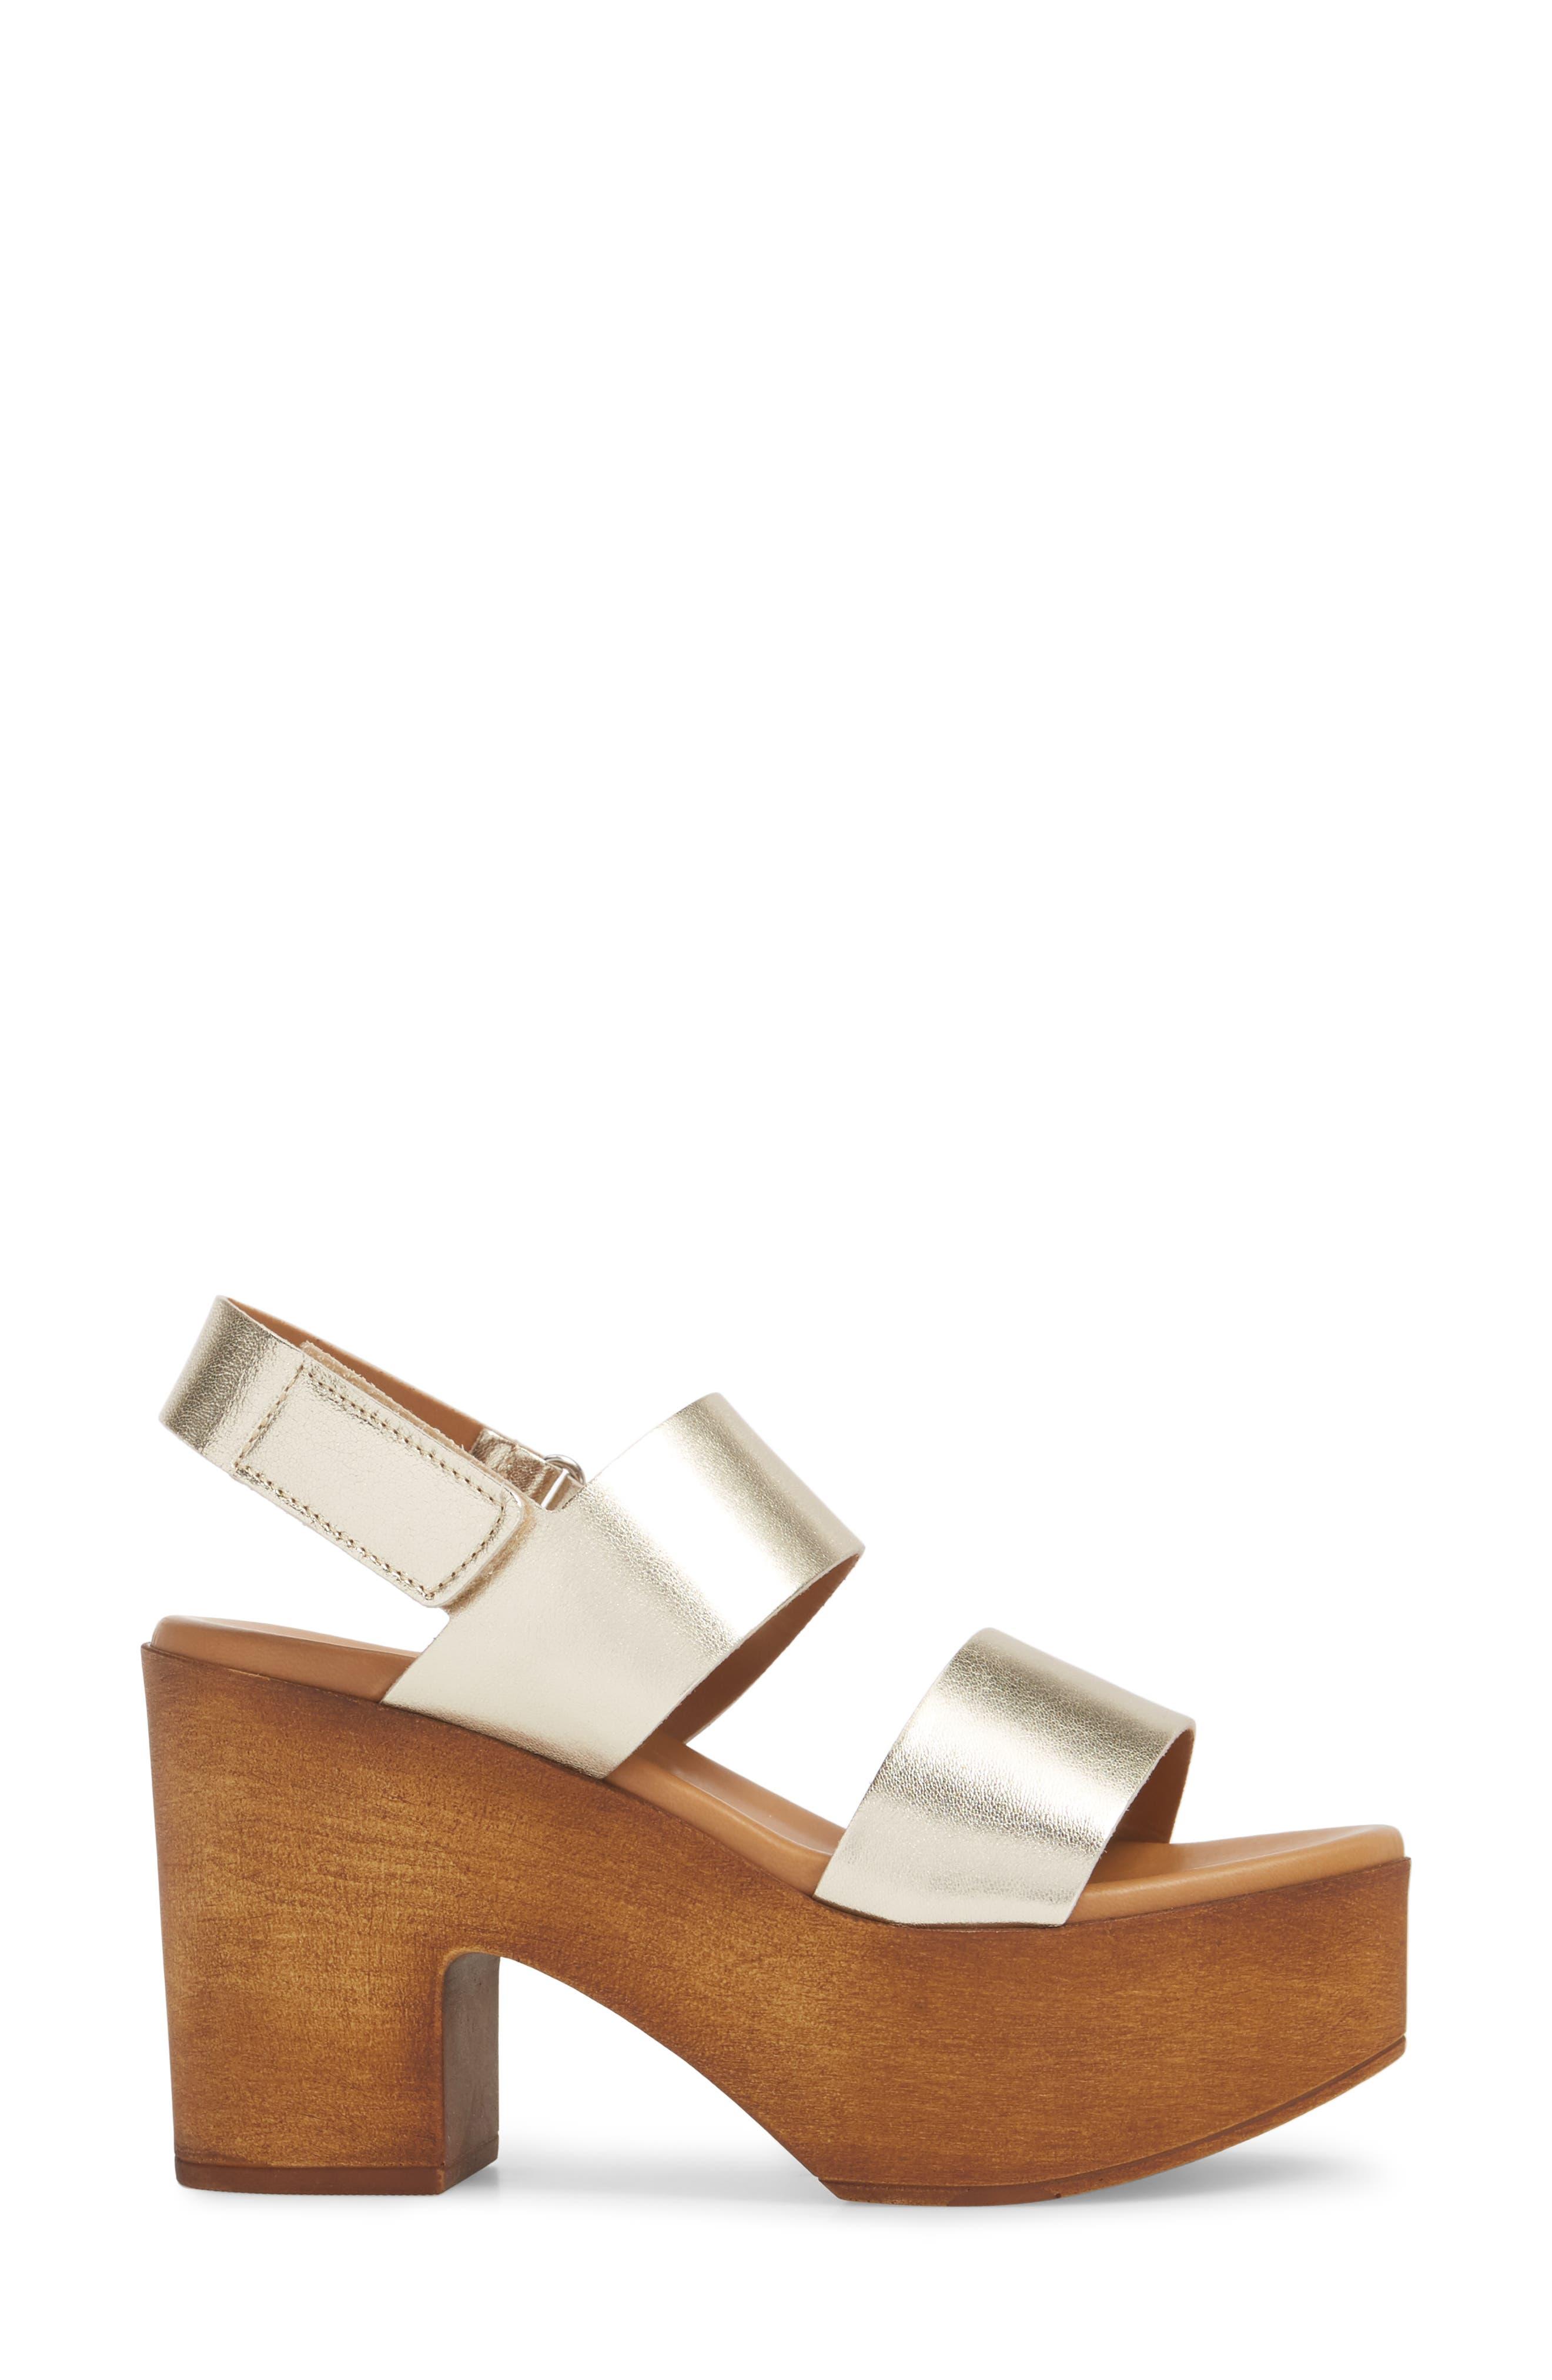 Marena Slingback Platform Sandal,                             Alternate thumbnail 3, color,                             Champagne